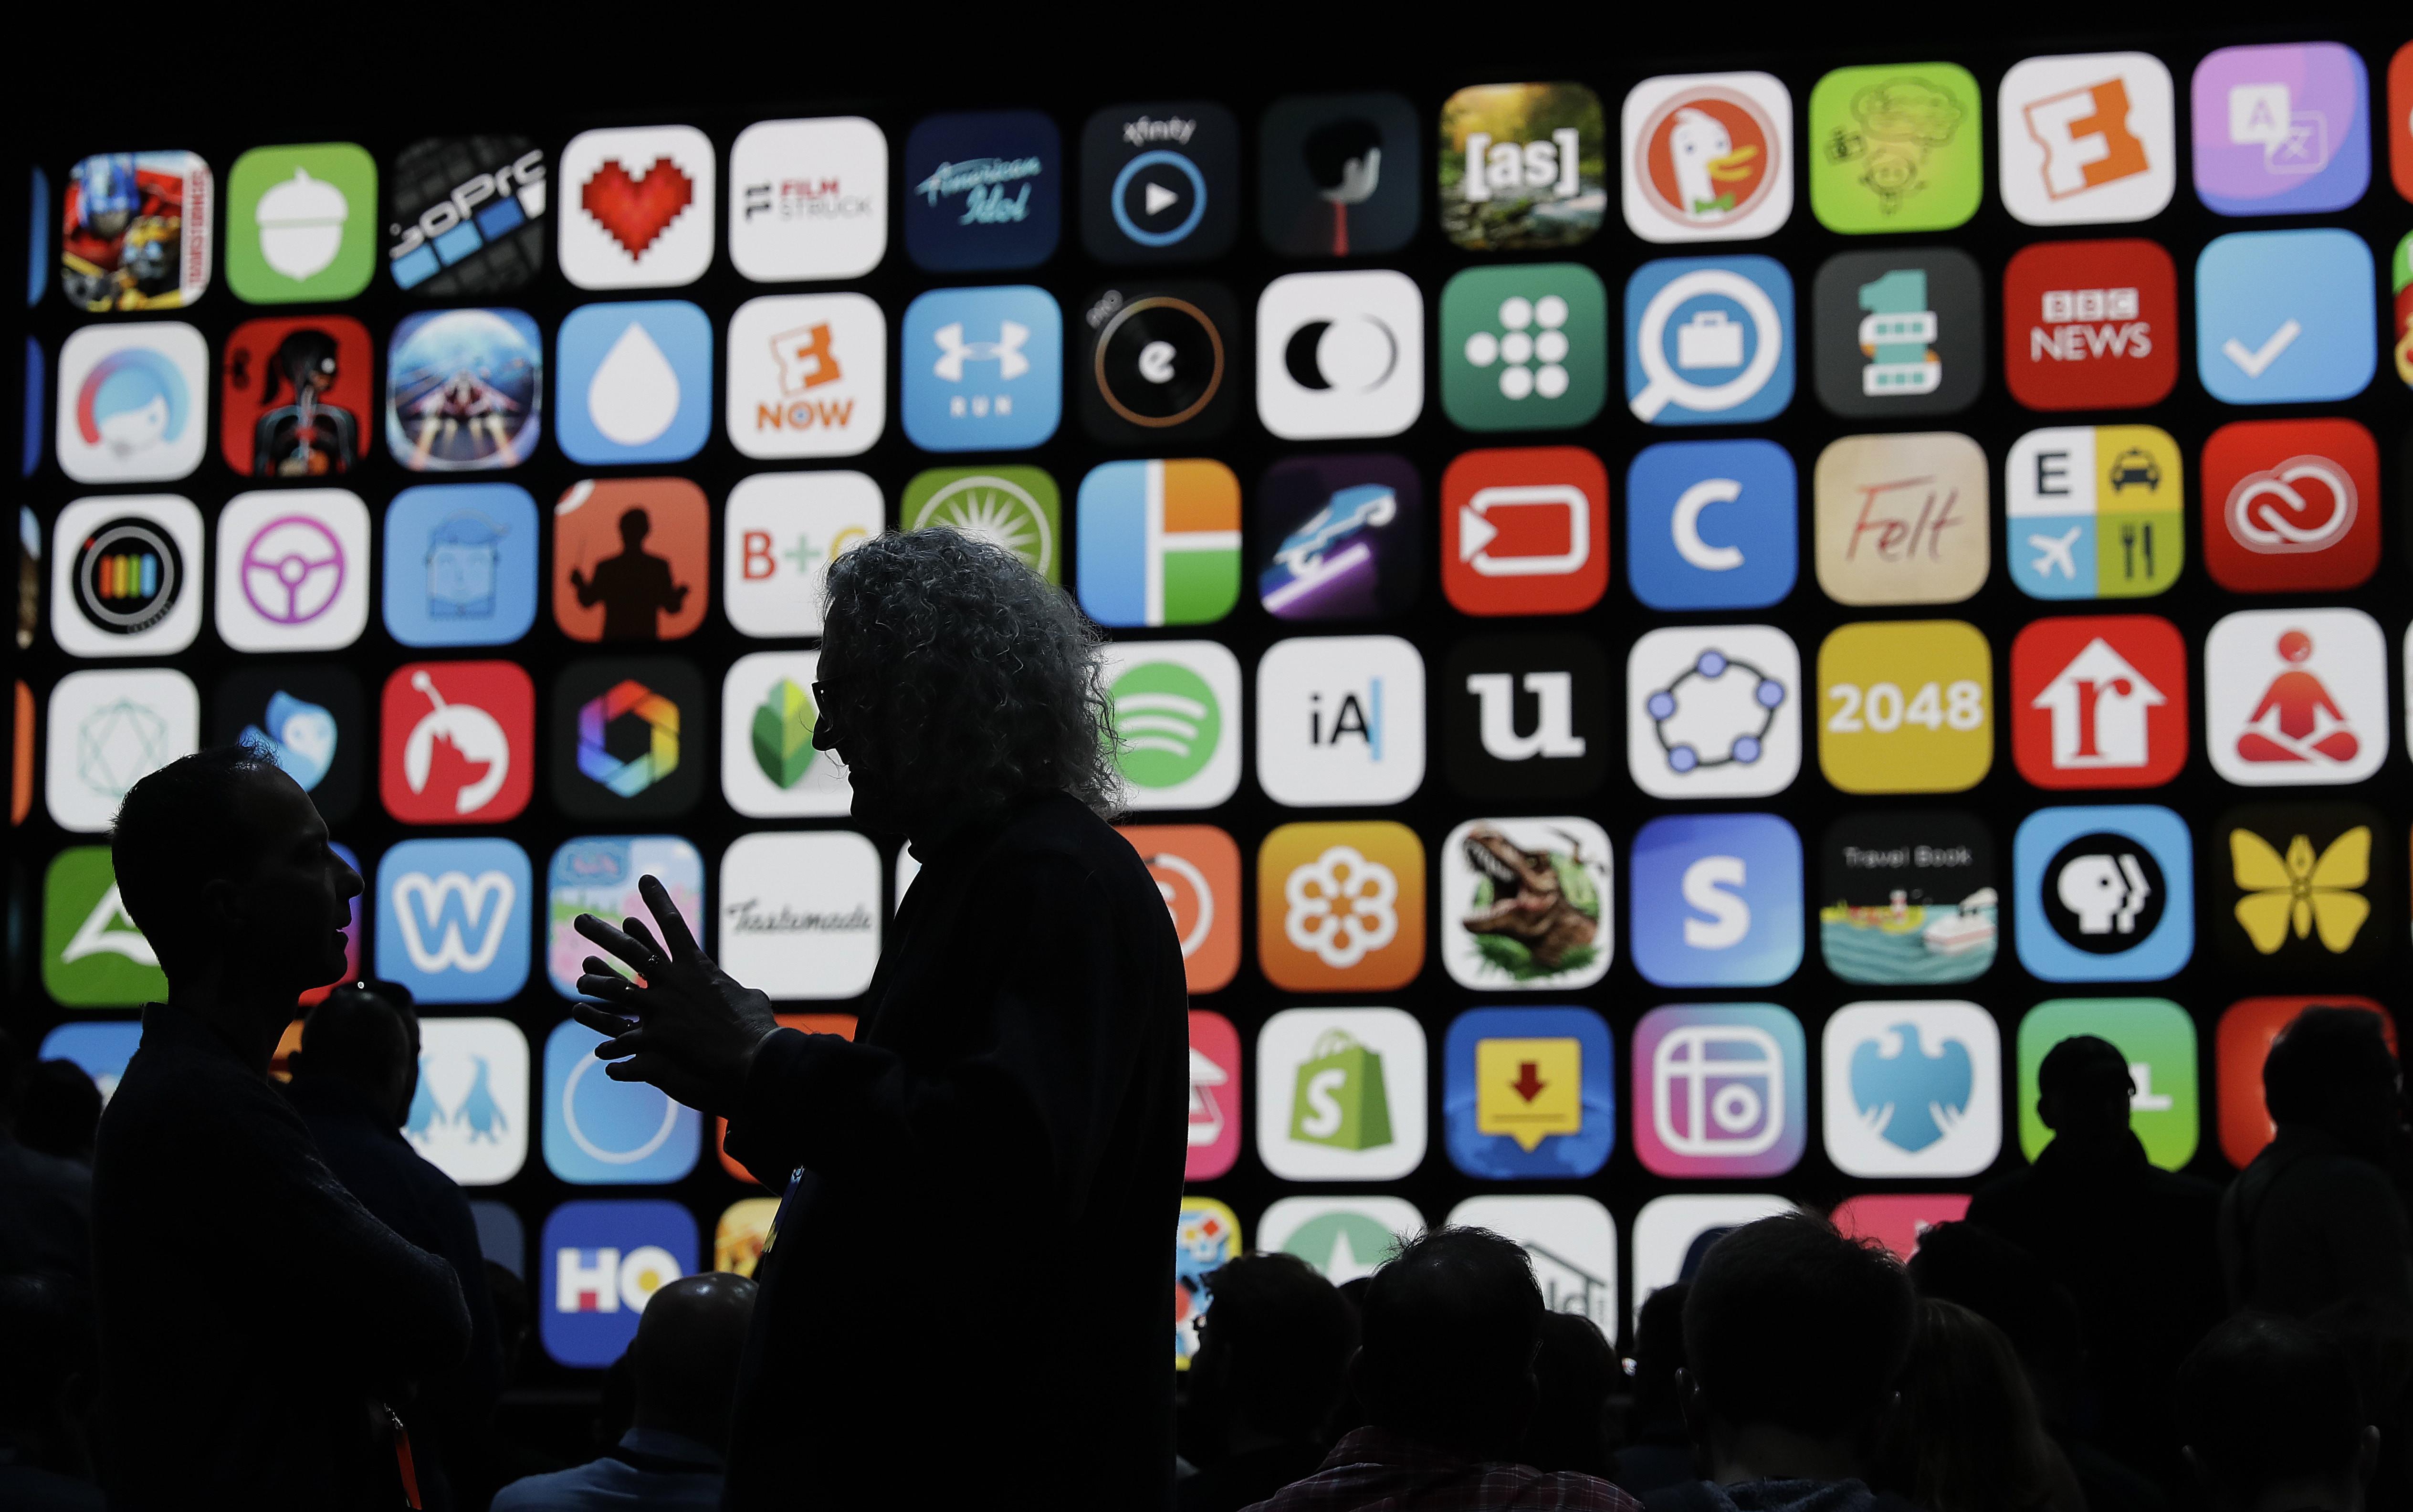 Apple a prezentat oficial iOS 12. Care sunt principalele noutăți pentru iPhone, iPad și Mac